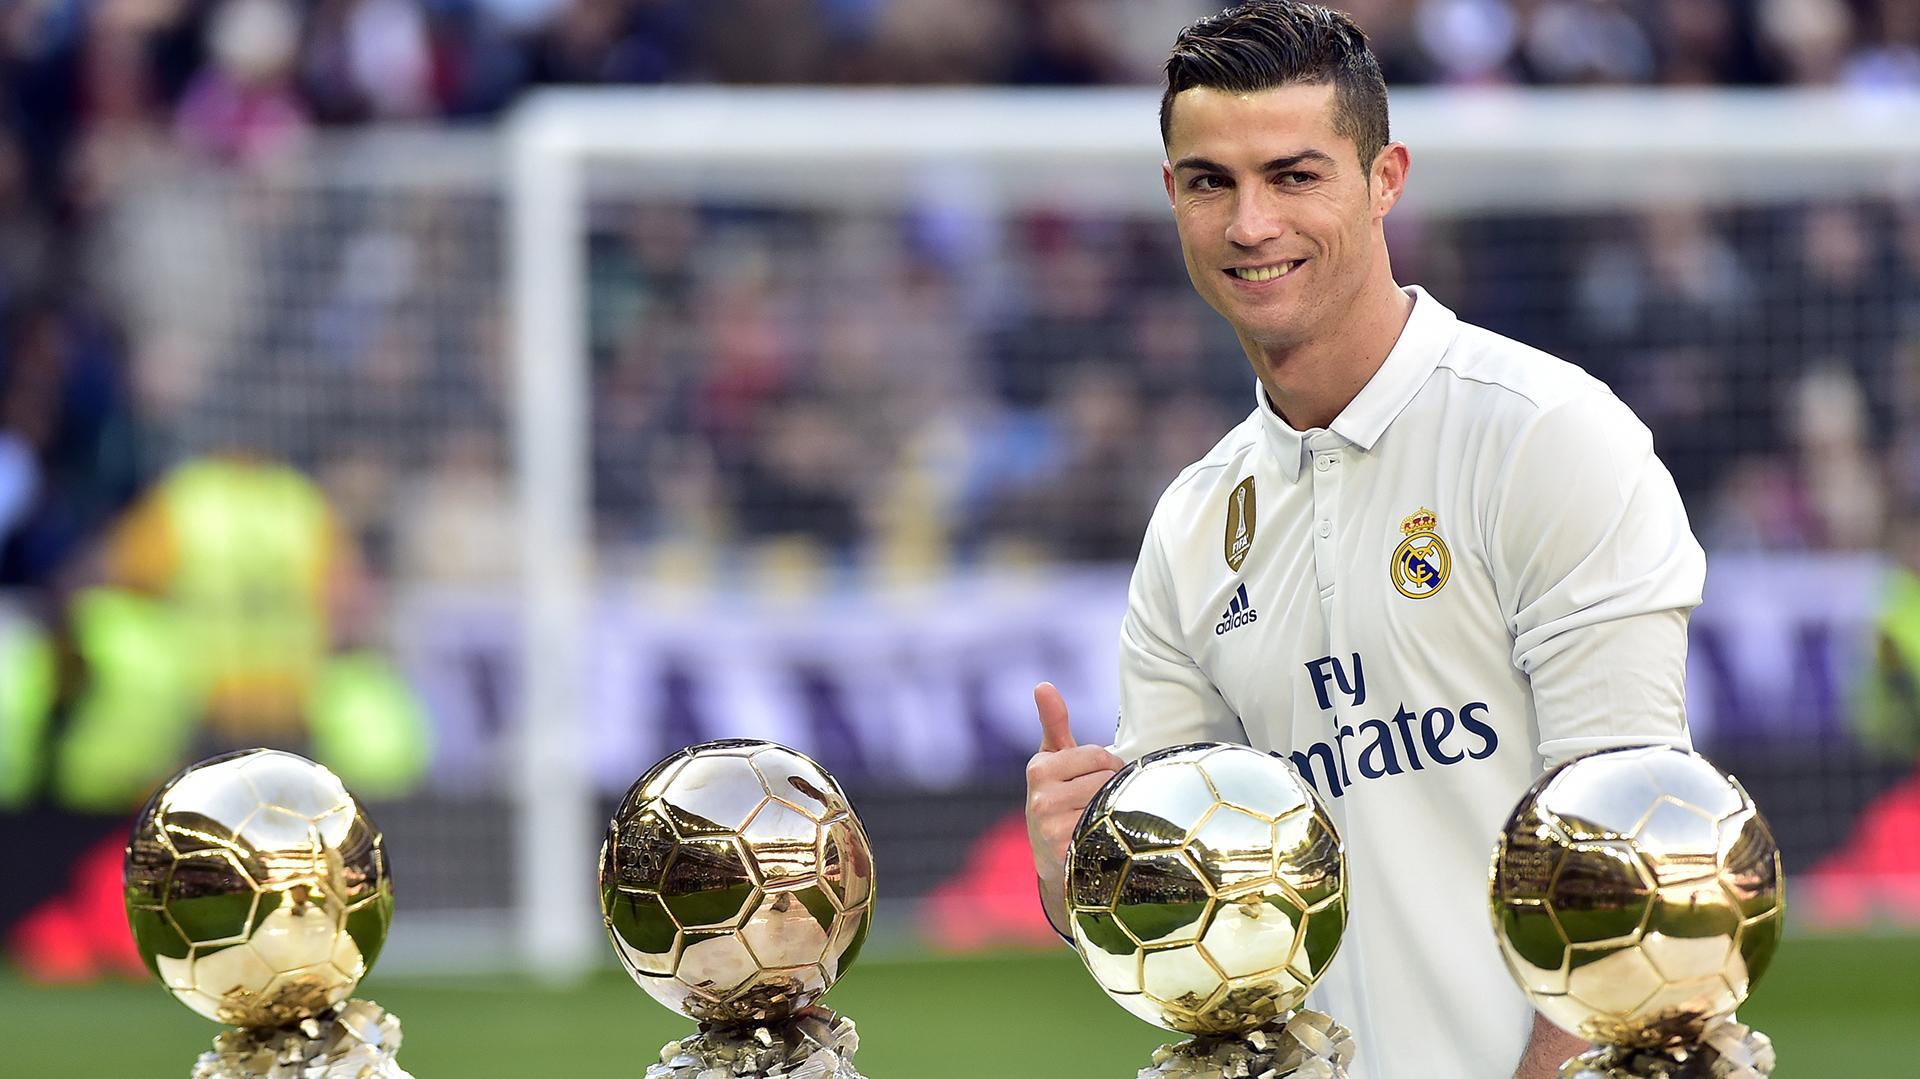 Pagaron 32 mil euros en una subasta para pasar un día con Cristiano Ronaldo